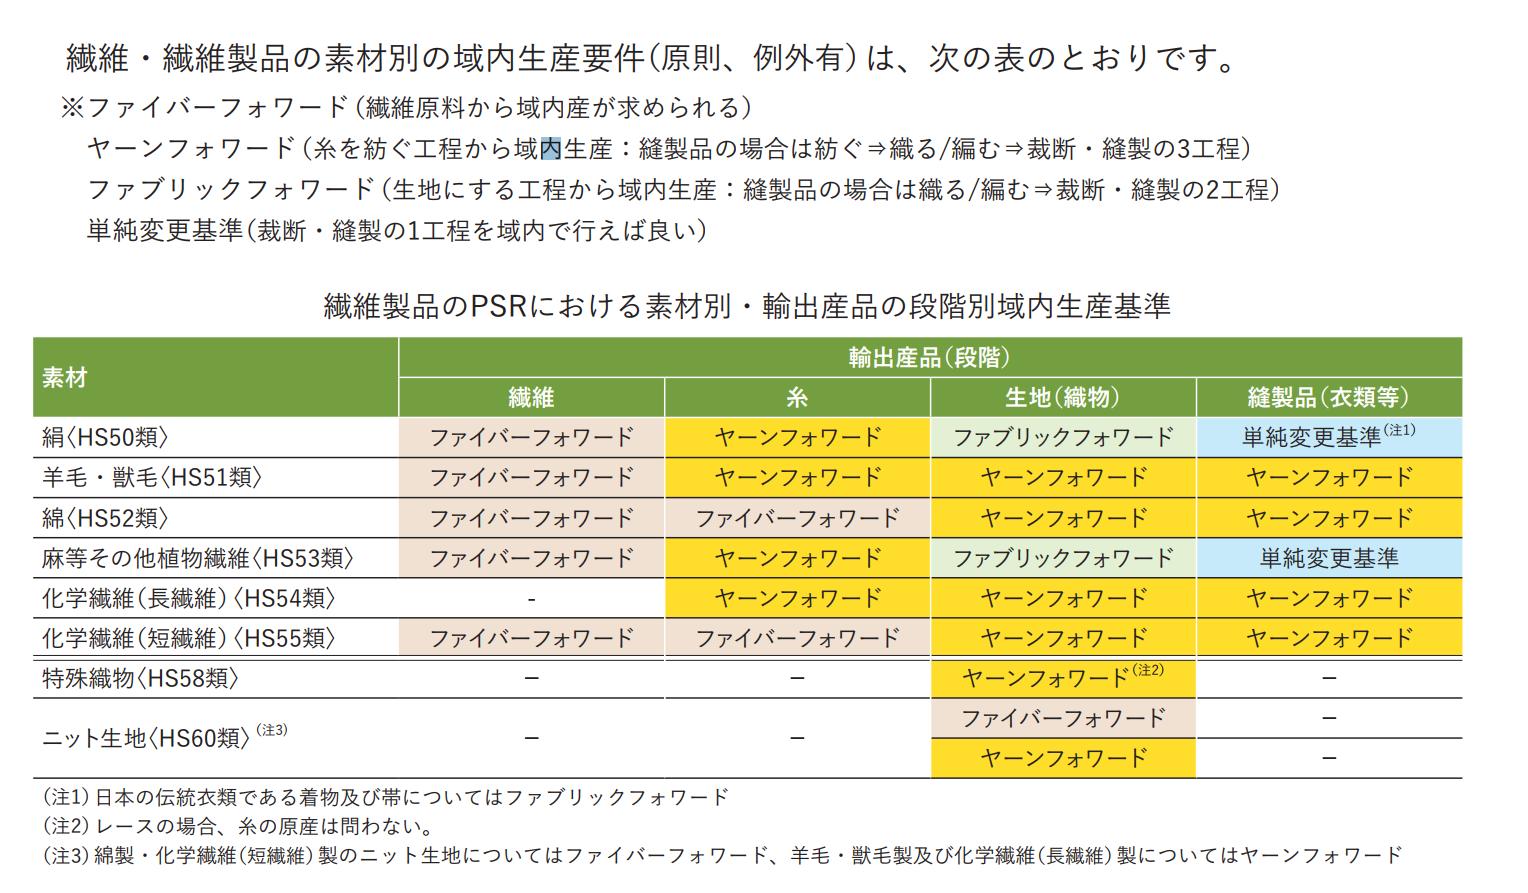 TPP繊維製品 原産地規則 ファイバーフォワード ヤーンフォワード ファブリックフォワード